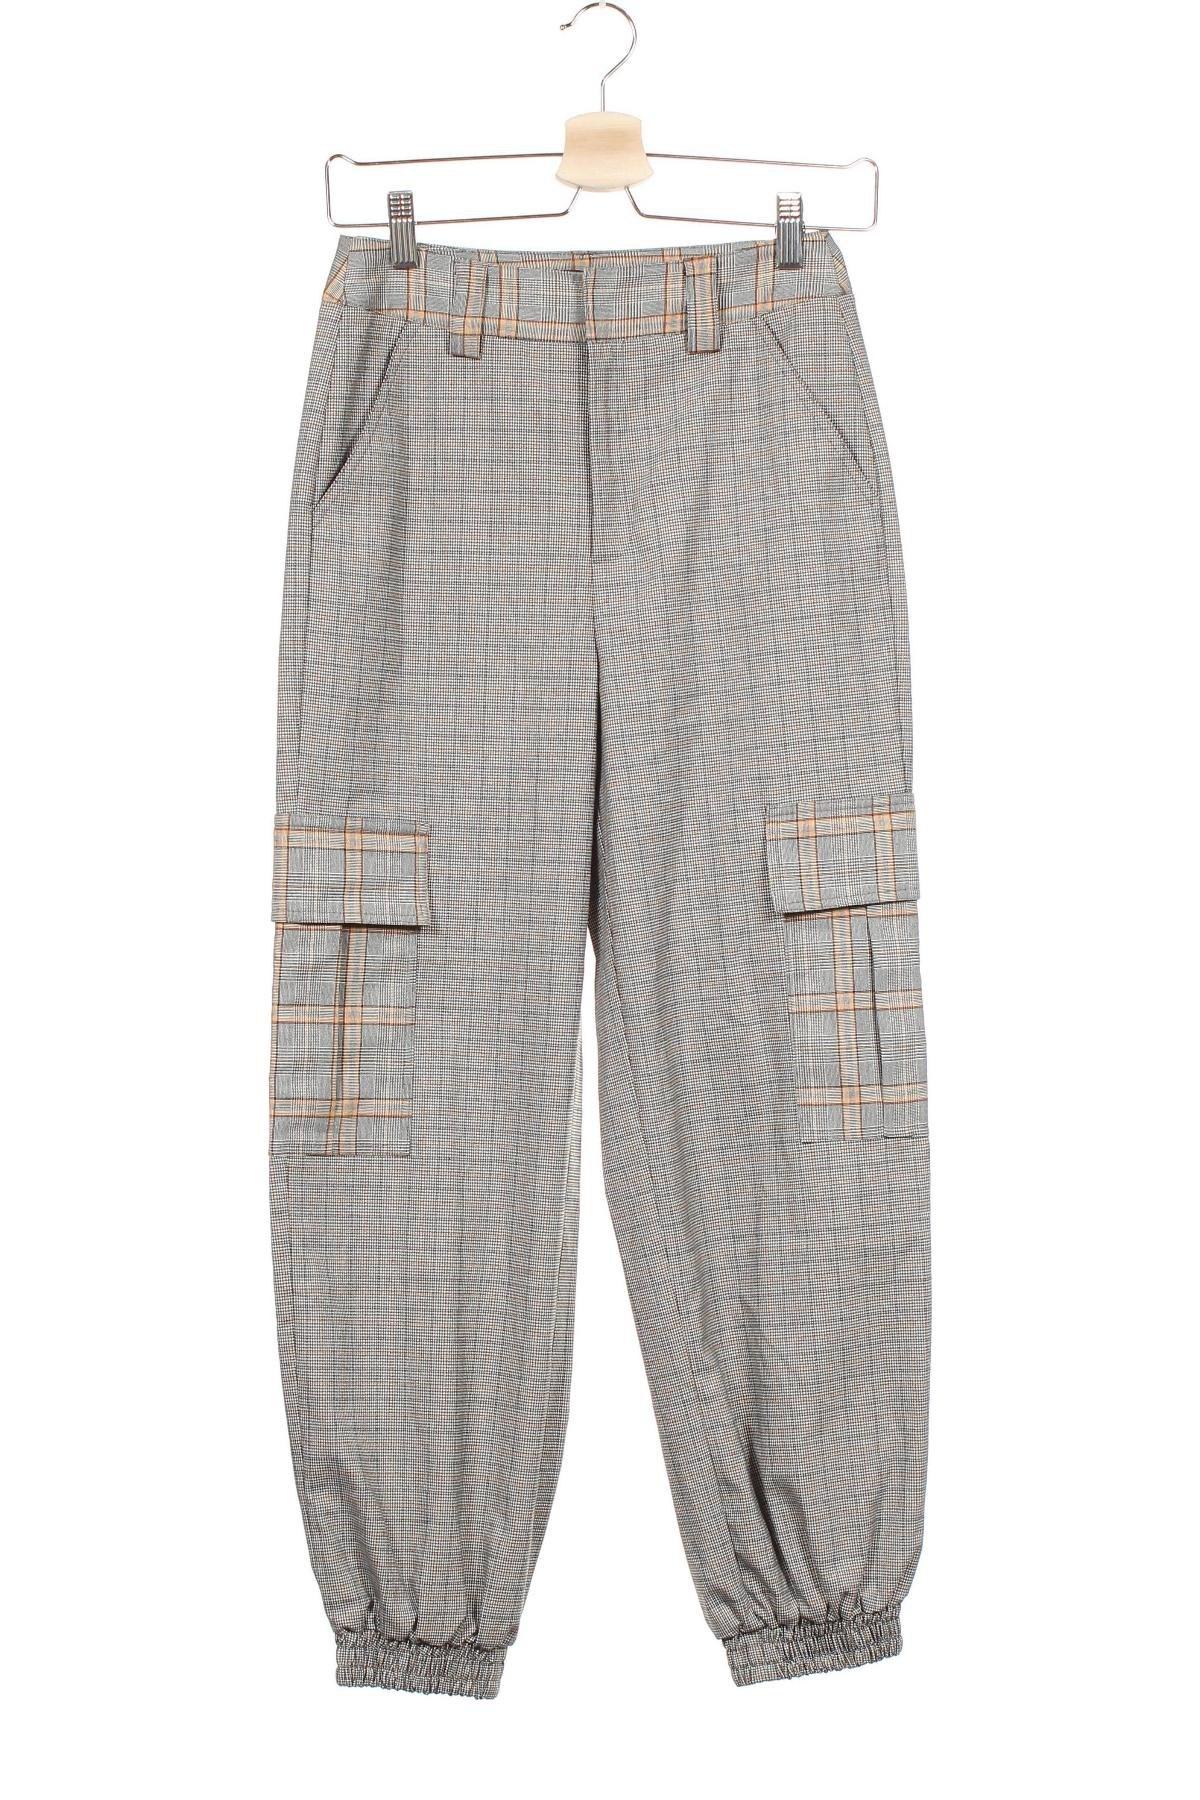 Дамски панталон Urban Outfitters, Размер XS, Цвят Многоцветен, 64% полиестер, 35% вискоза, 1% еластан, Цена 22,08лв.